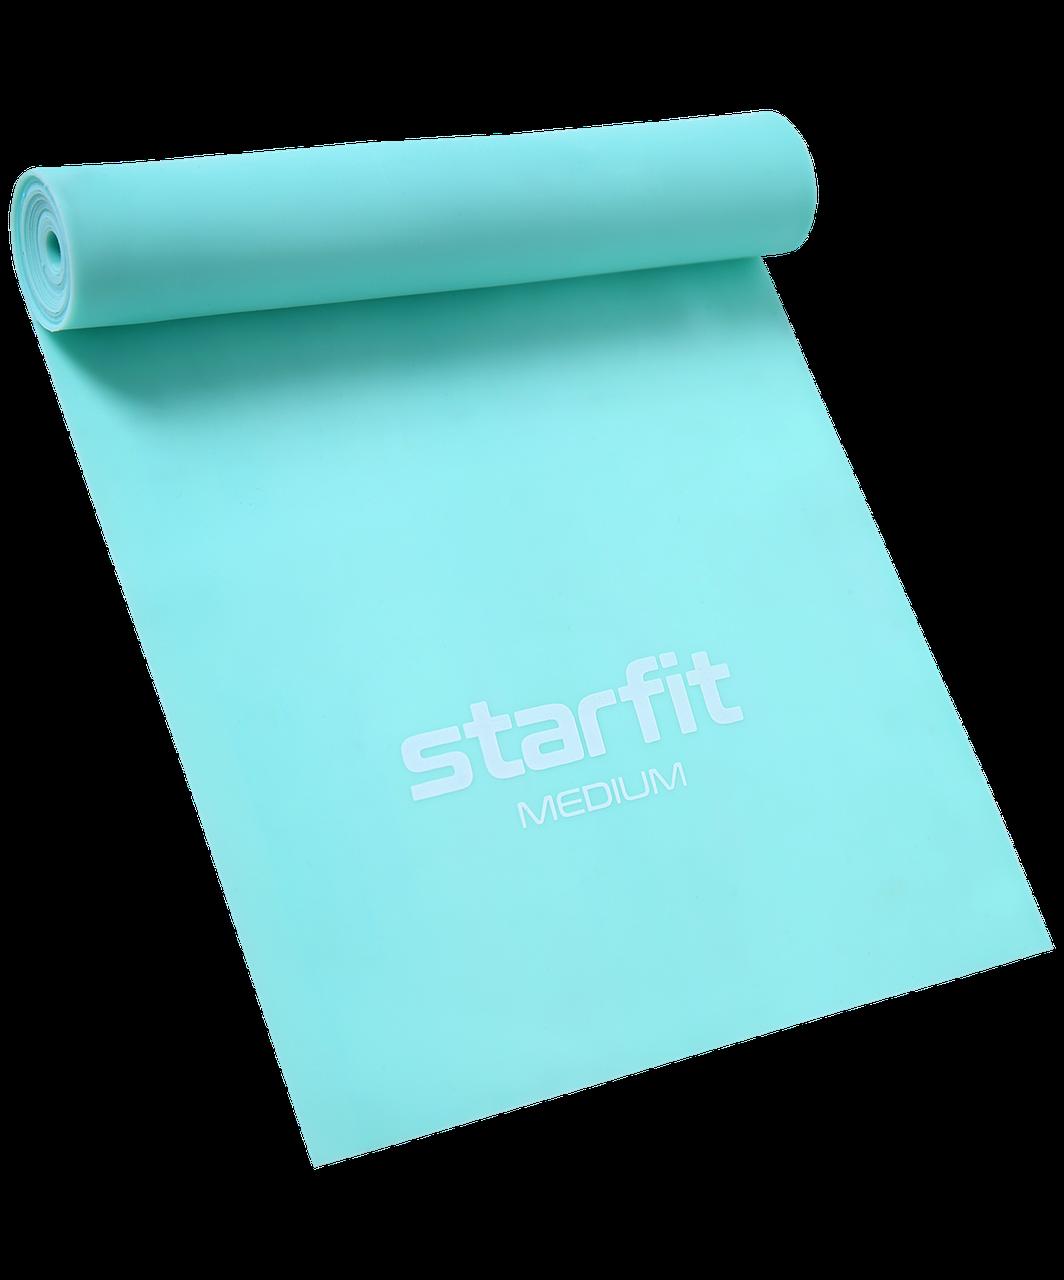 Лента для пилатеса ES-201  мятный Starfit